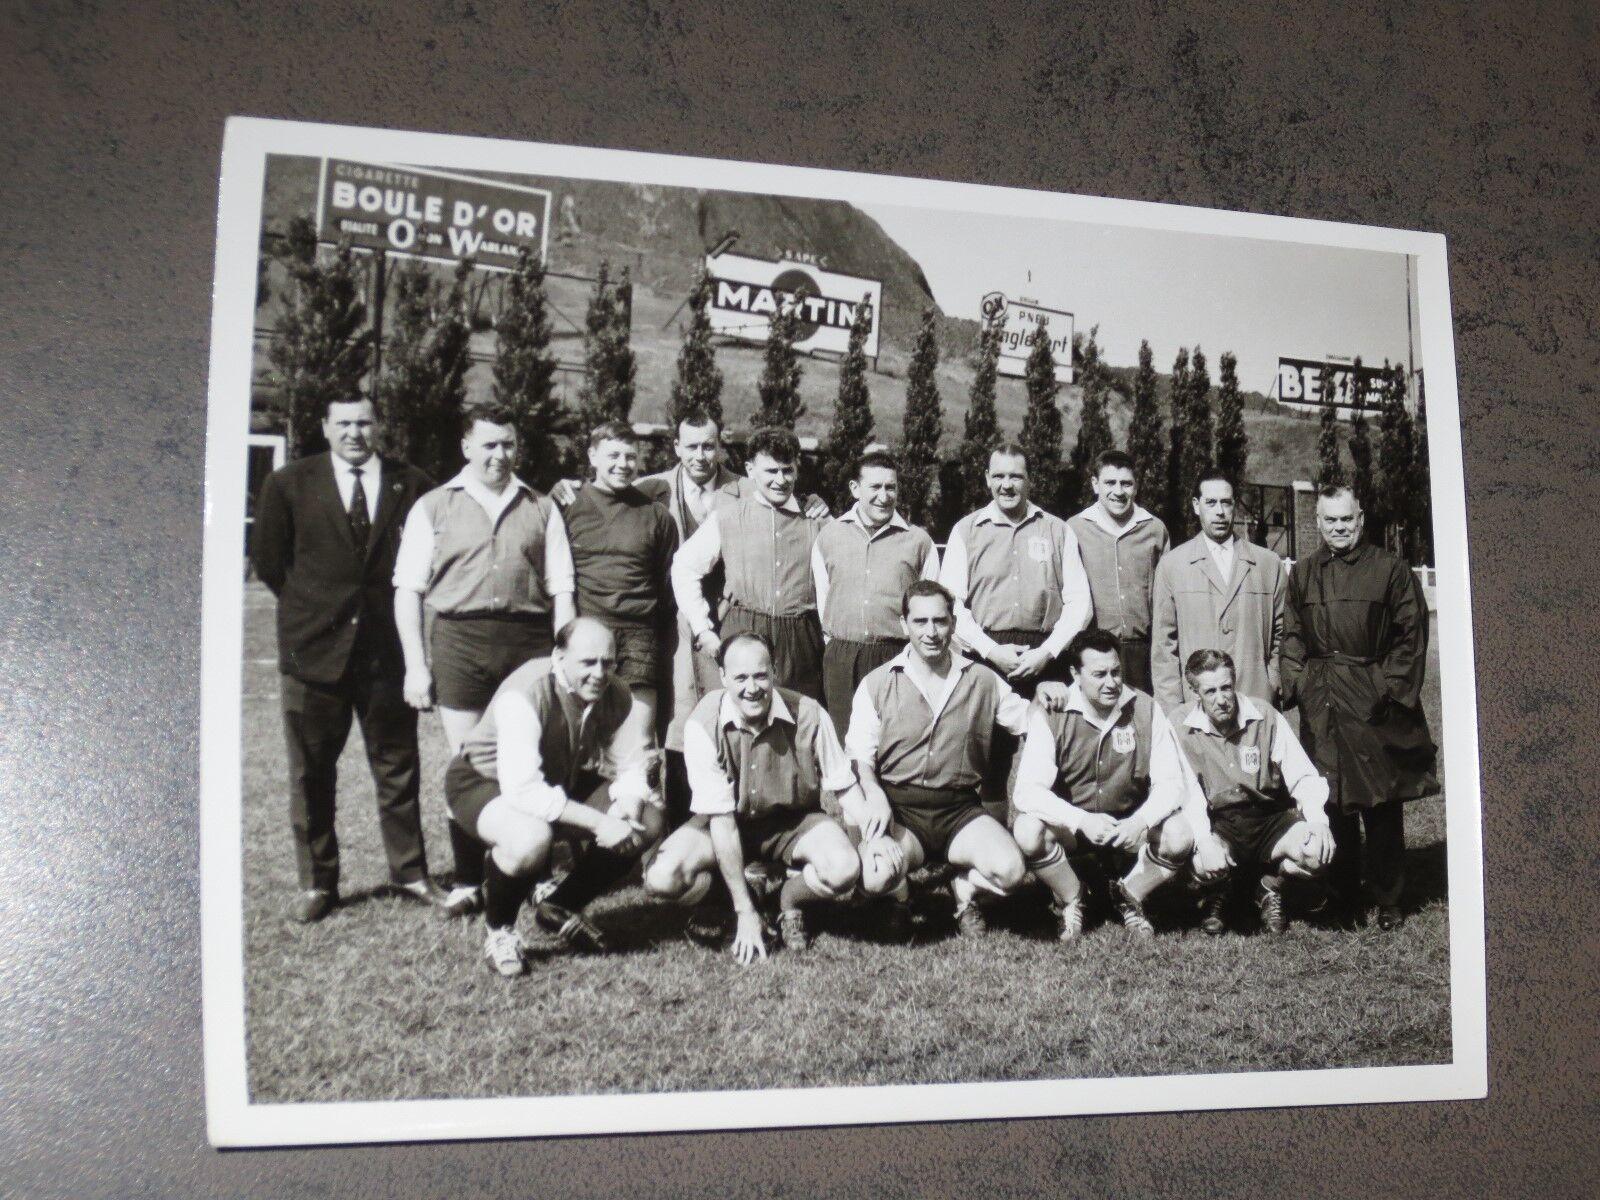 Football Belge Photographie Press ancienne Rare 13 cm sur 17 cm - RSCA